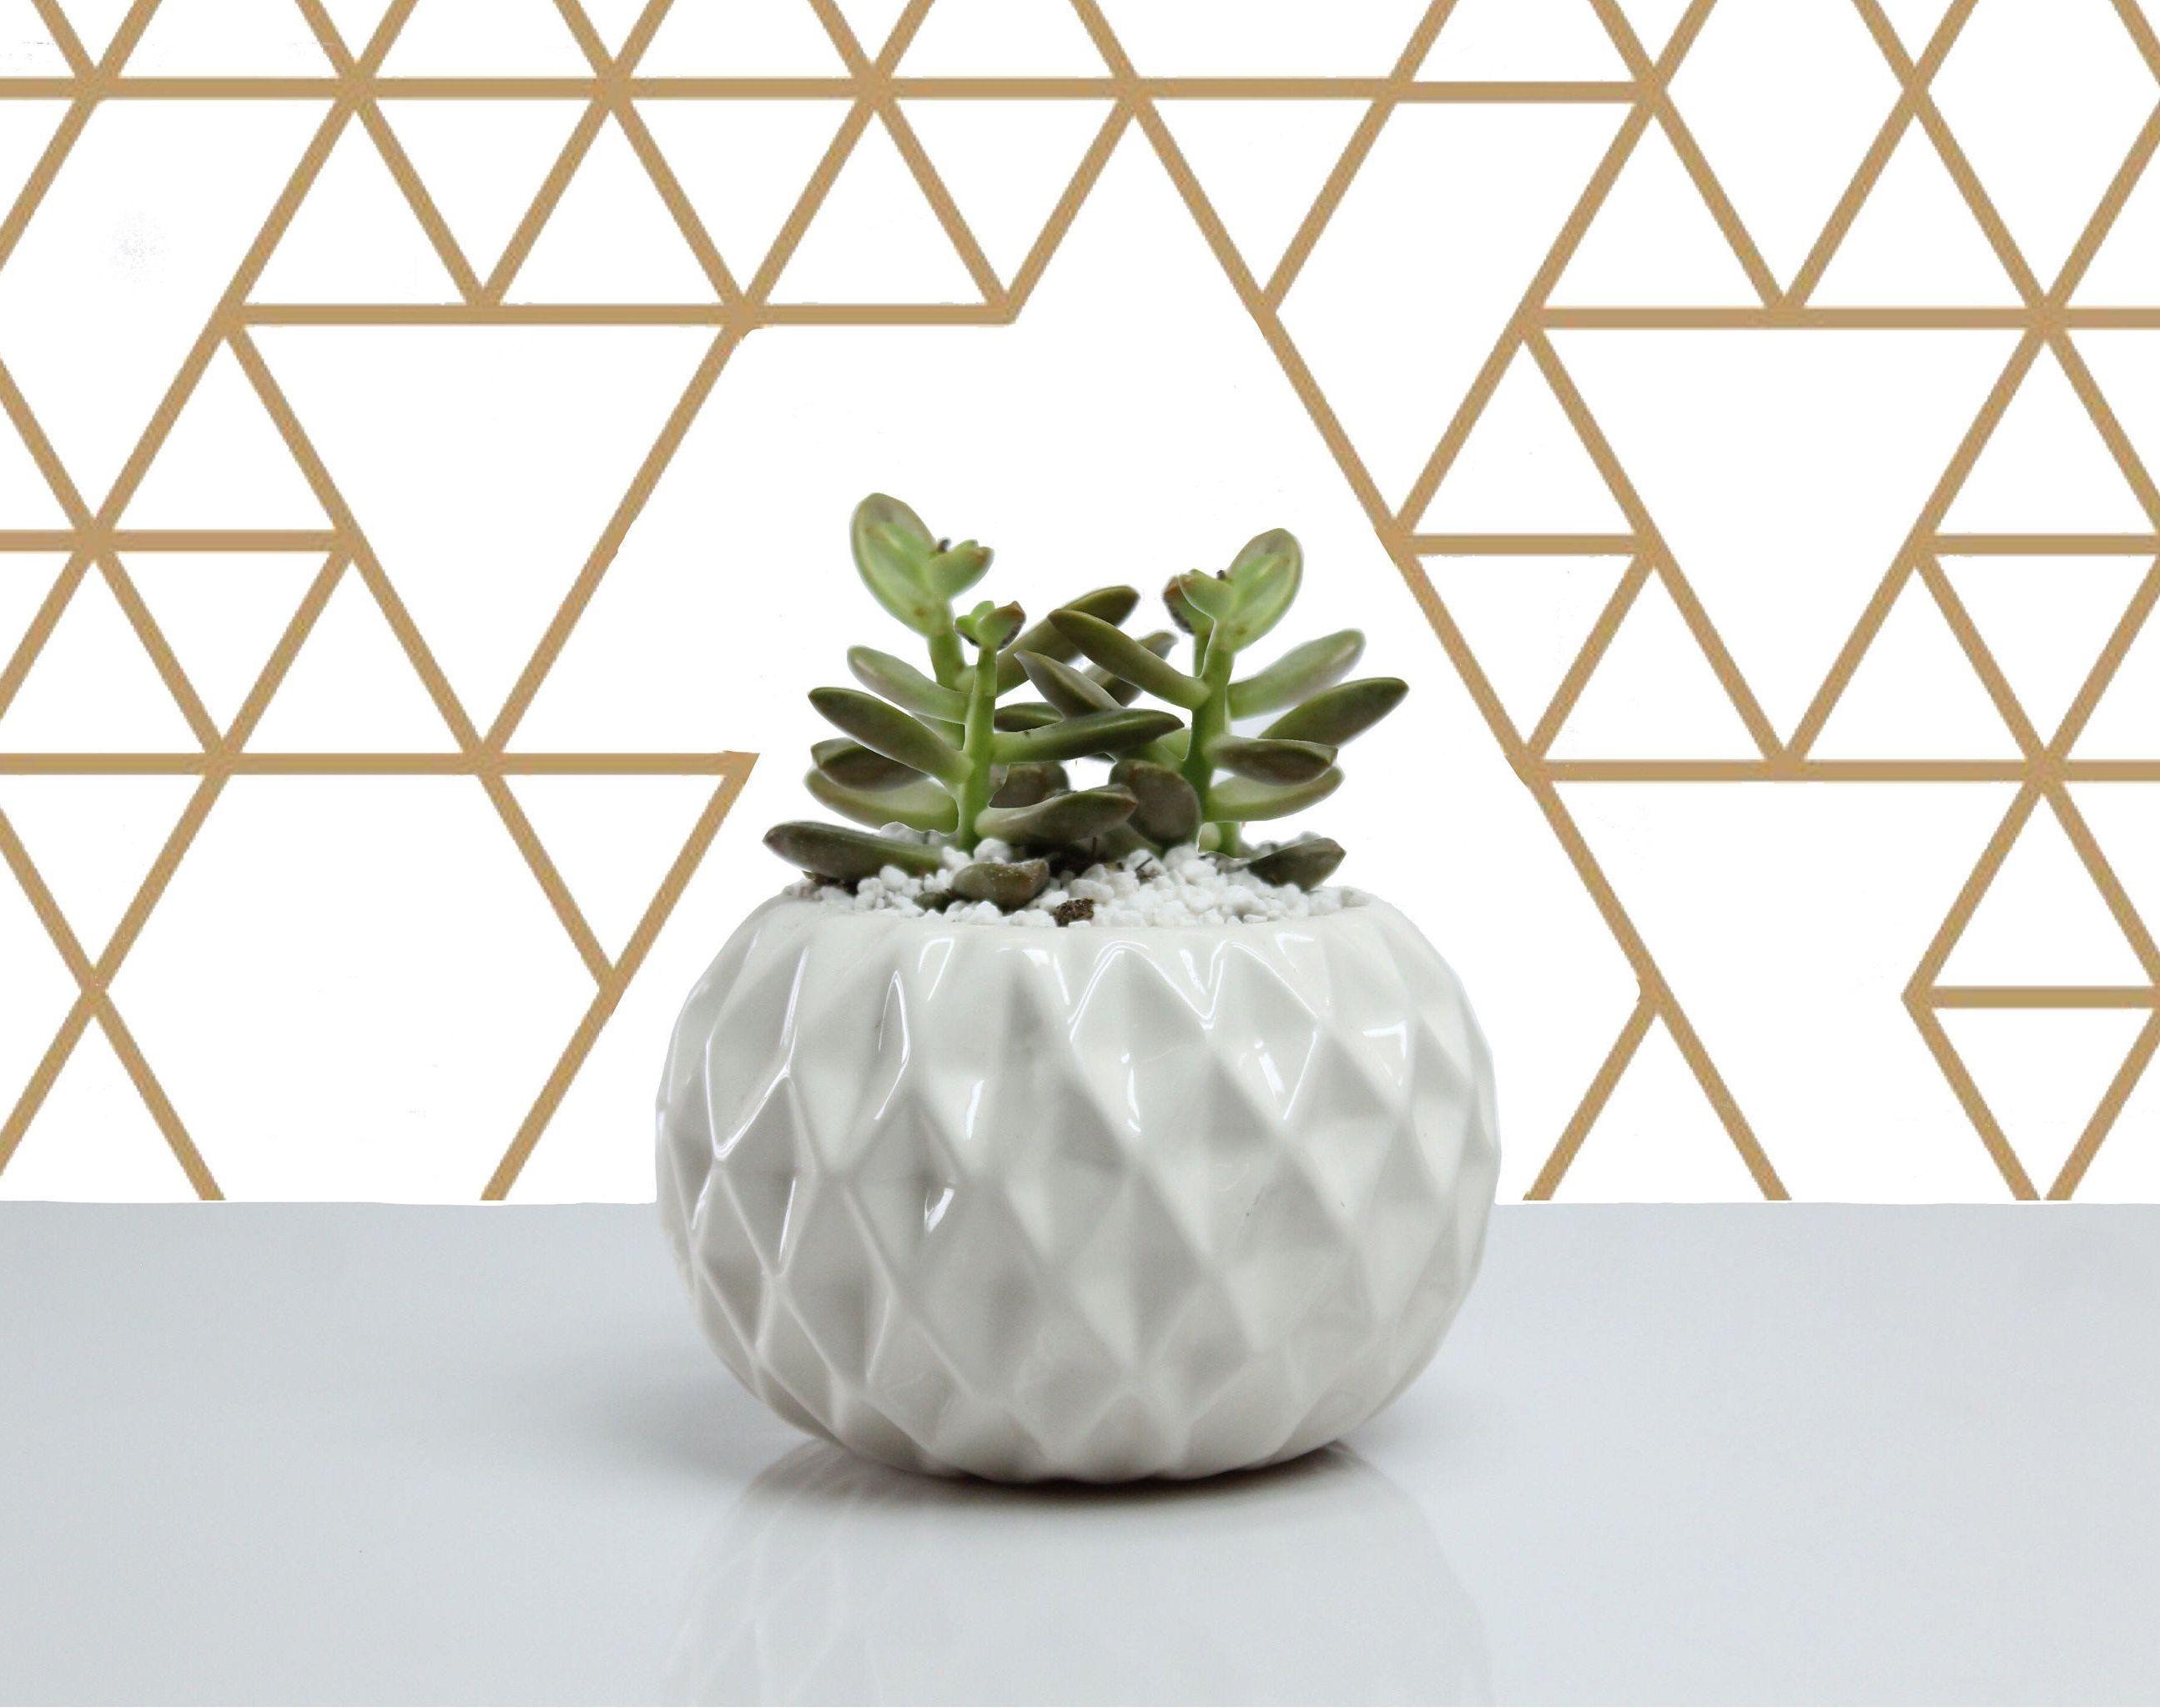 Geometric Diamond Planter, Minimal Planter, Cactus Planter, Geometrical Planter, Cactus